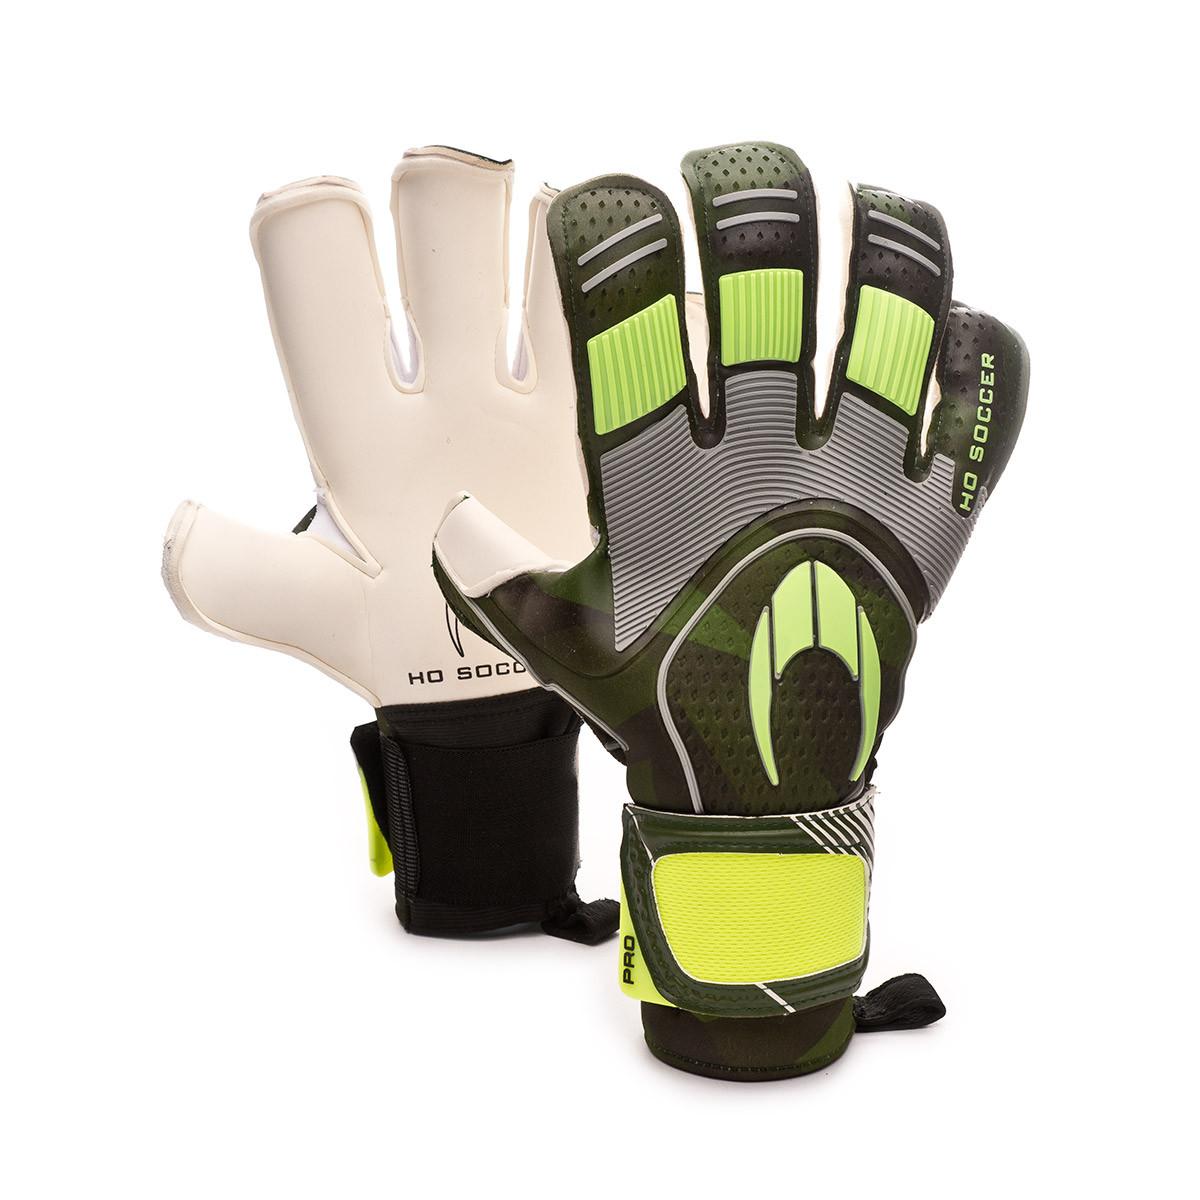 5df417dad8fdc Glove HO Soccer Supremo Pro II Kontakt Evolution Green space ...